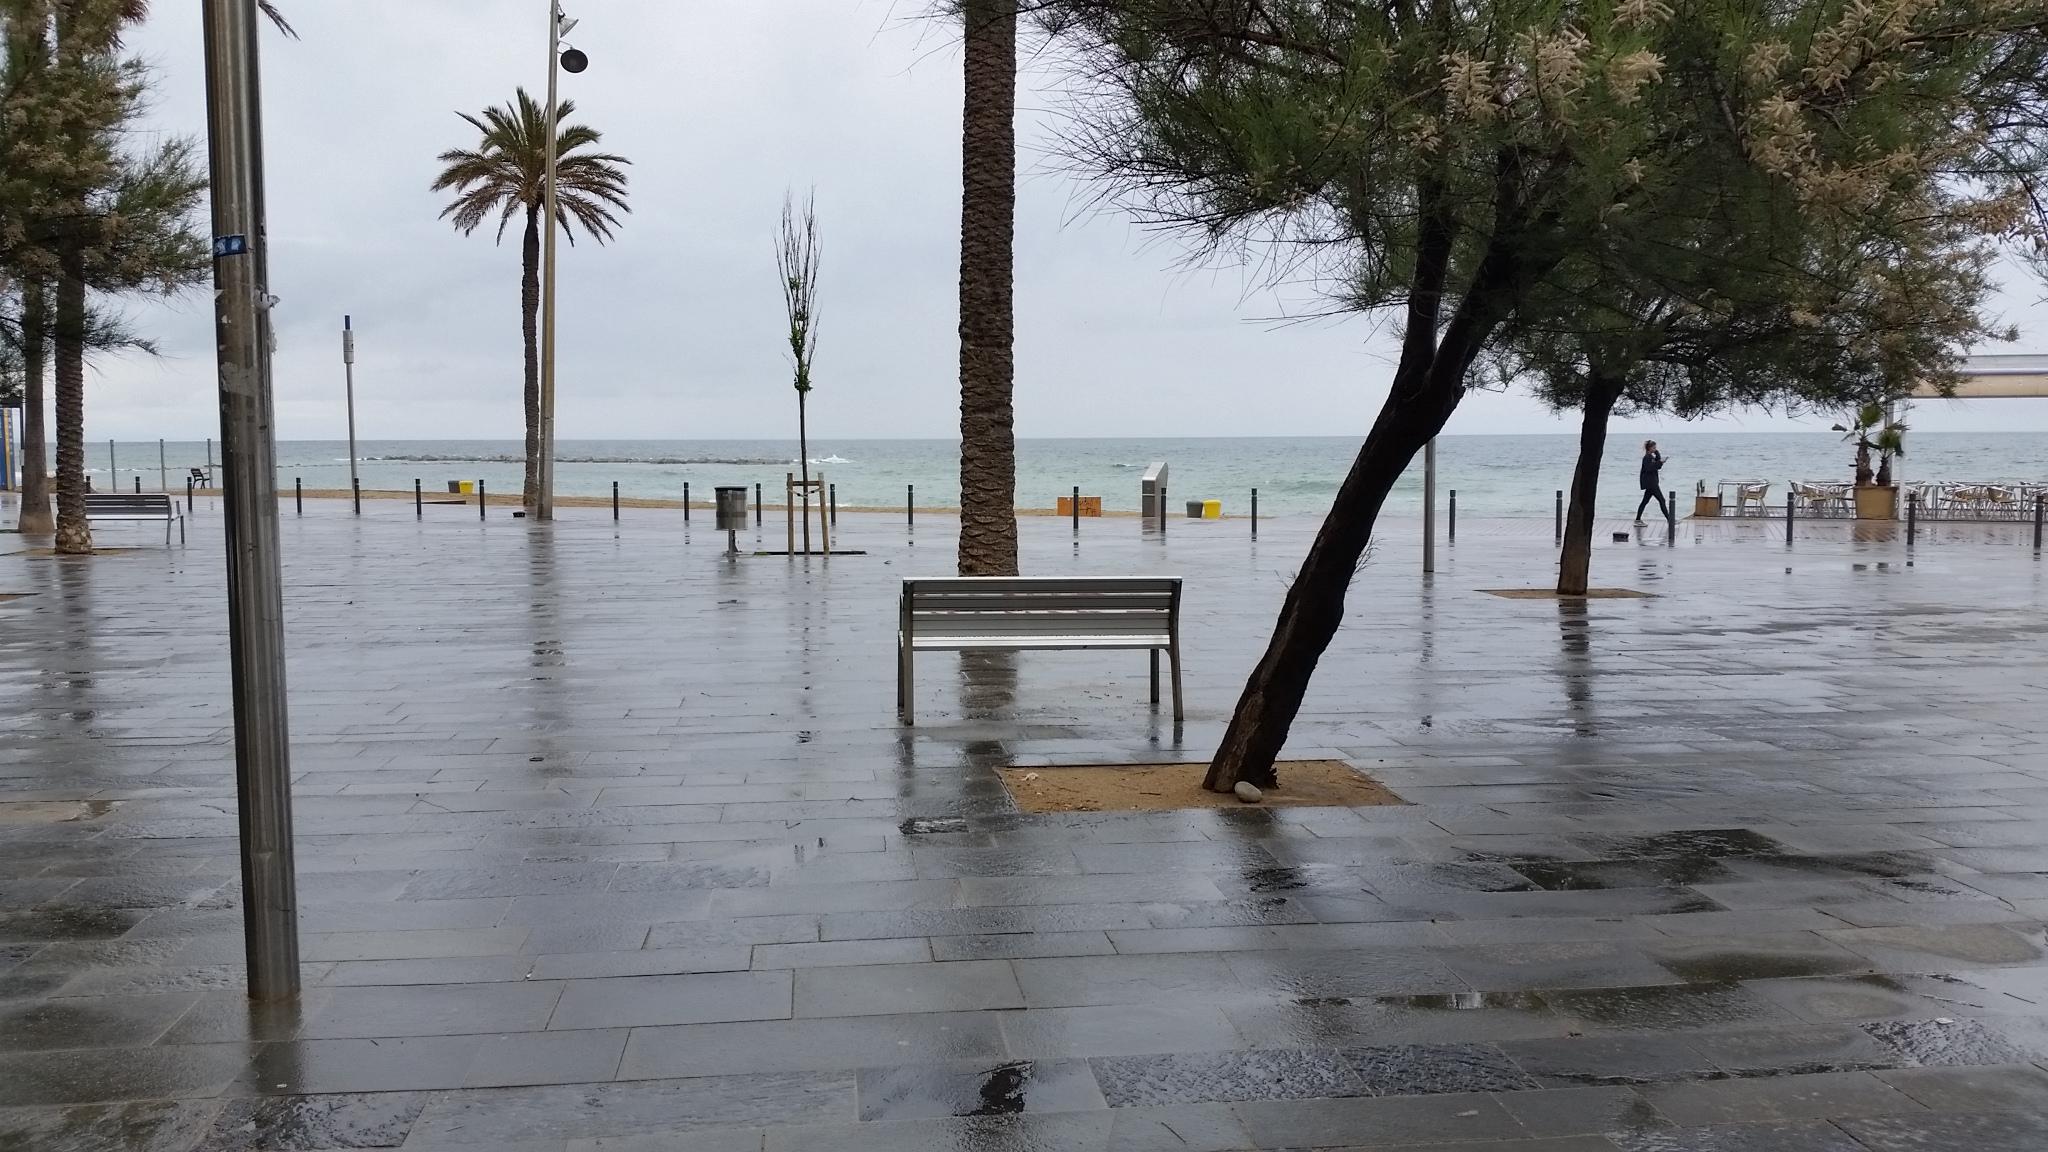 Paseo marítimo de Barceloneta